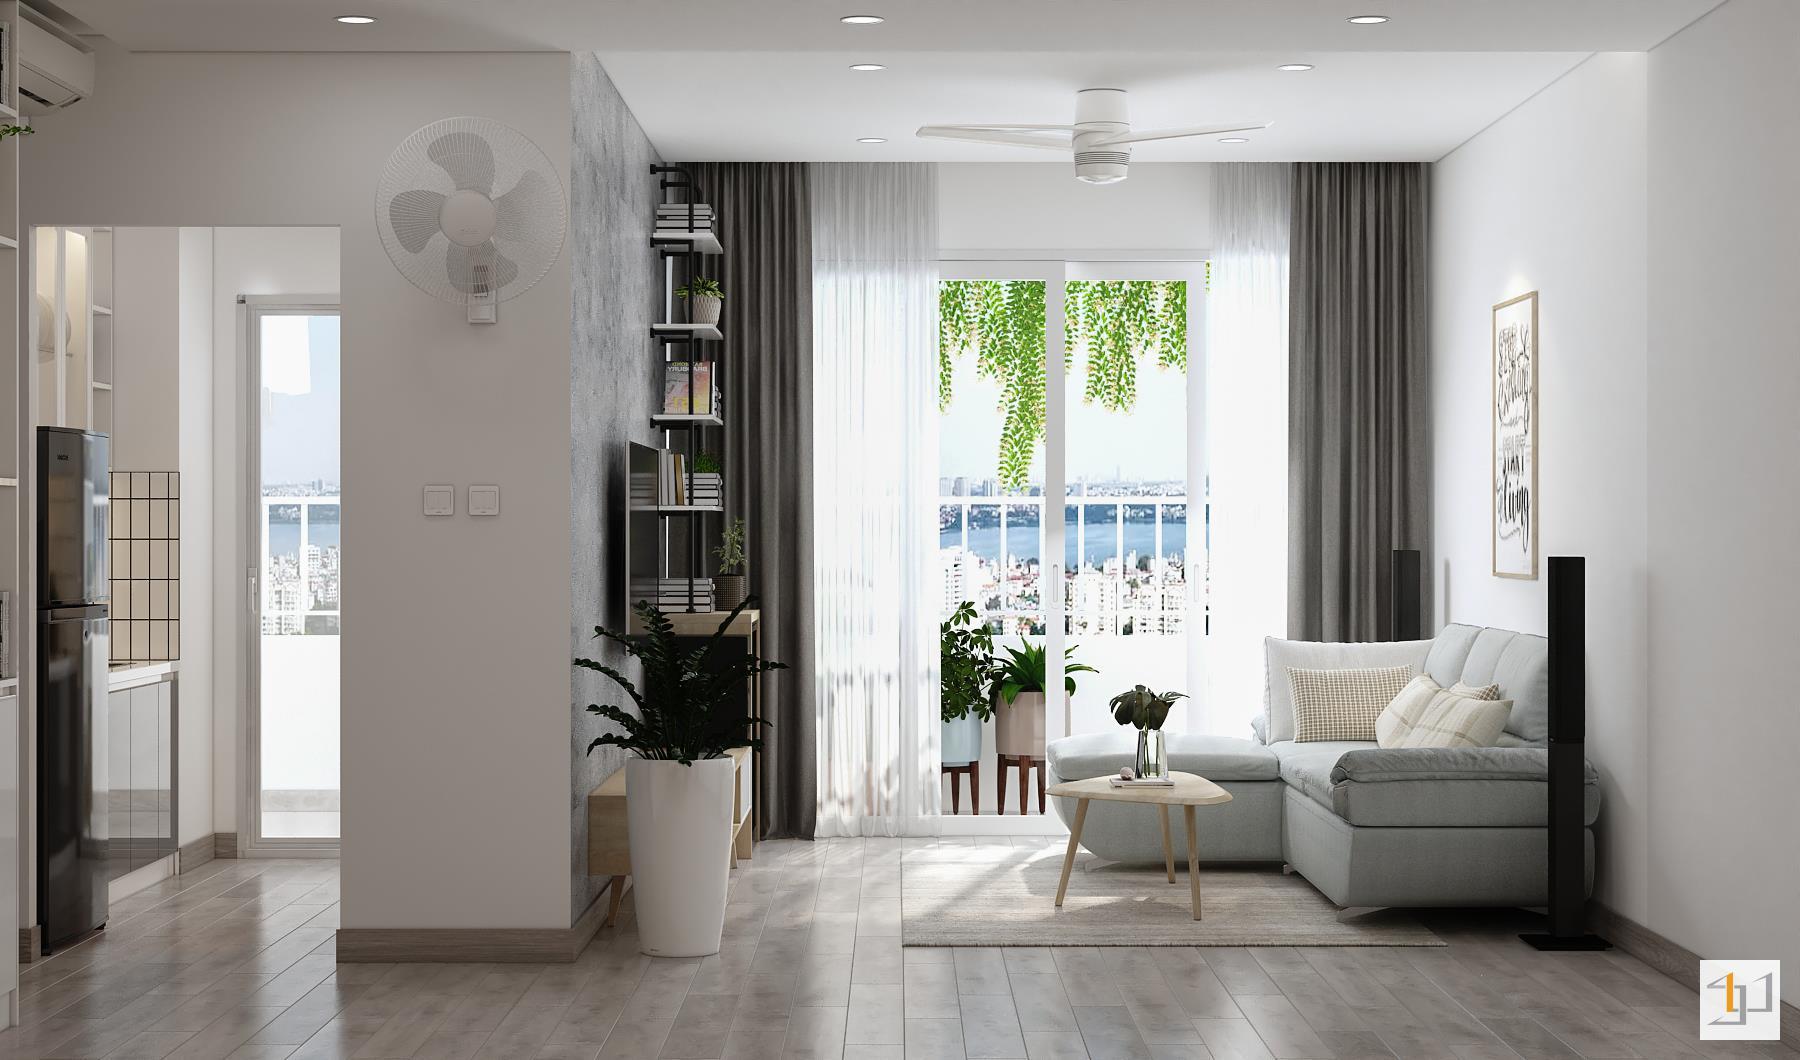 thiết kế nội thất chung cư đơn giản - 06